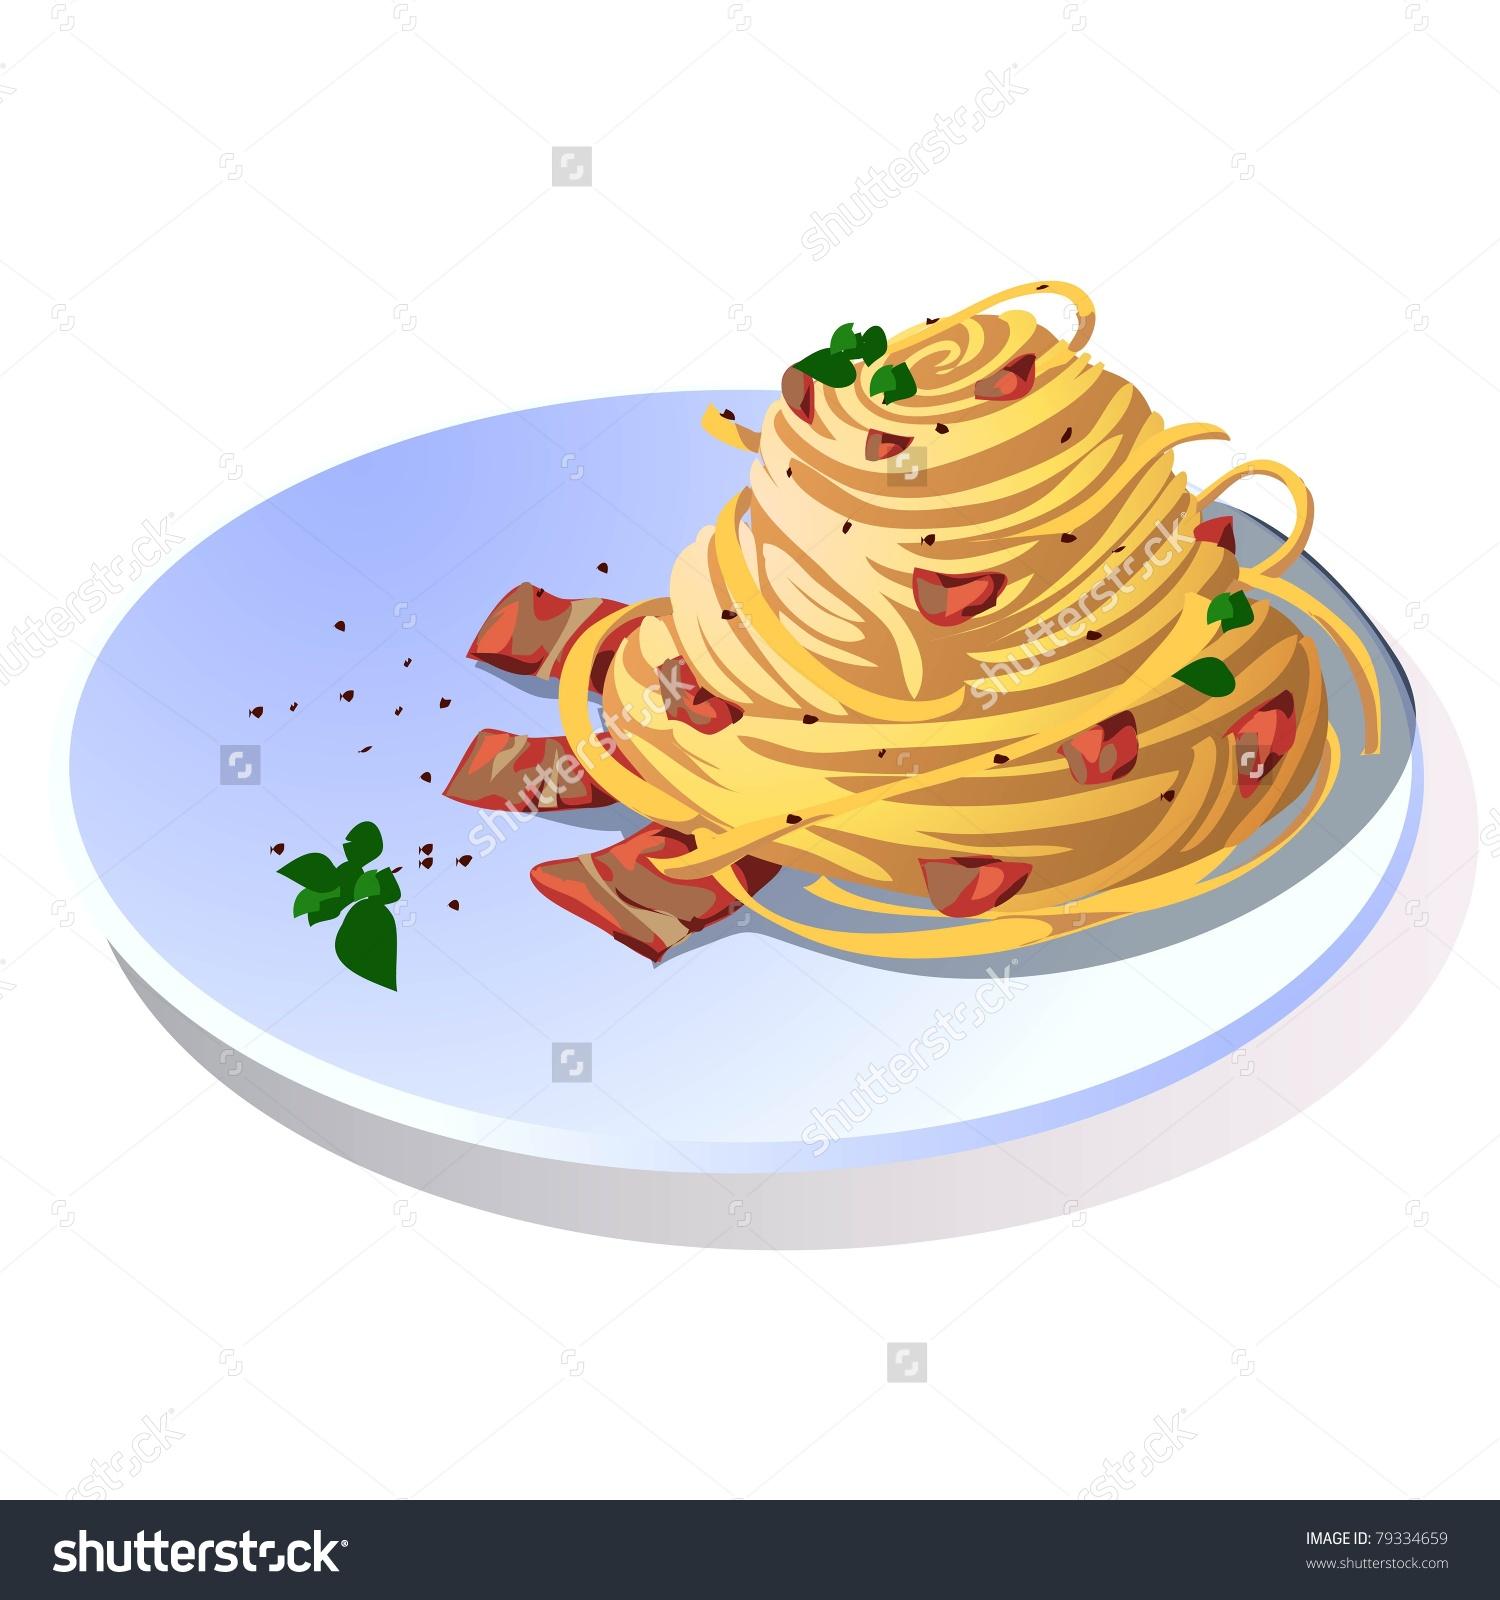 Hundred Carbonara Spaghetti Bacon Stock Vector 79334659.